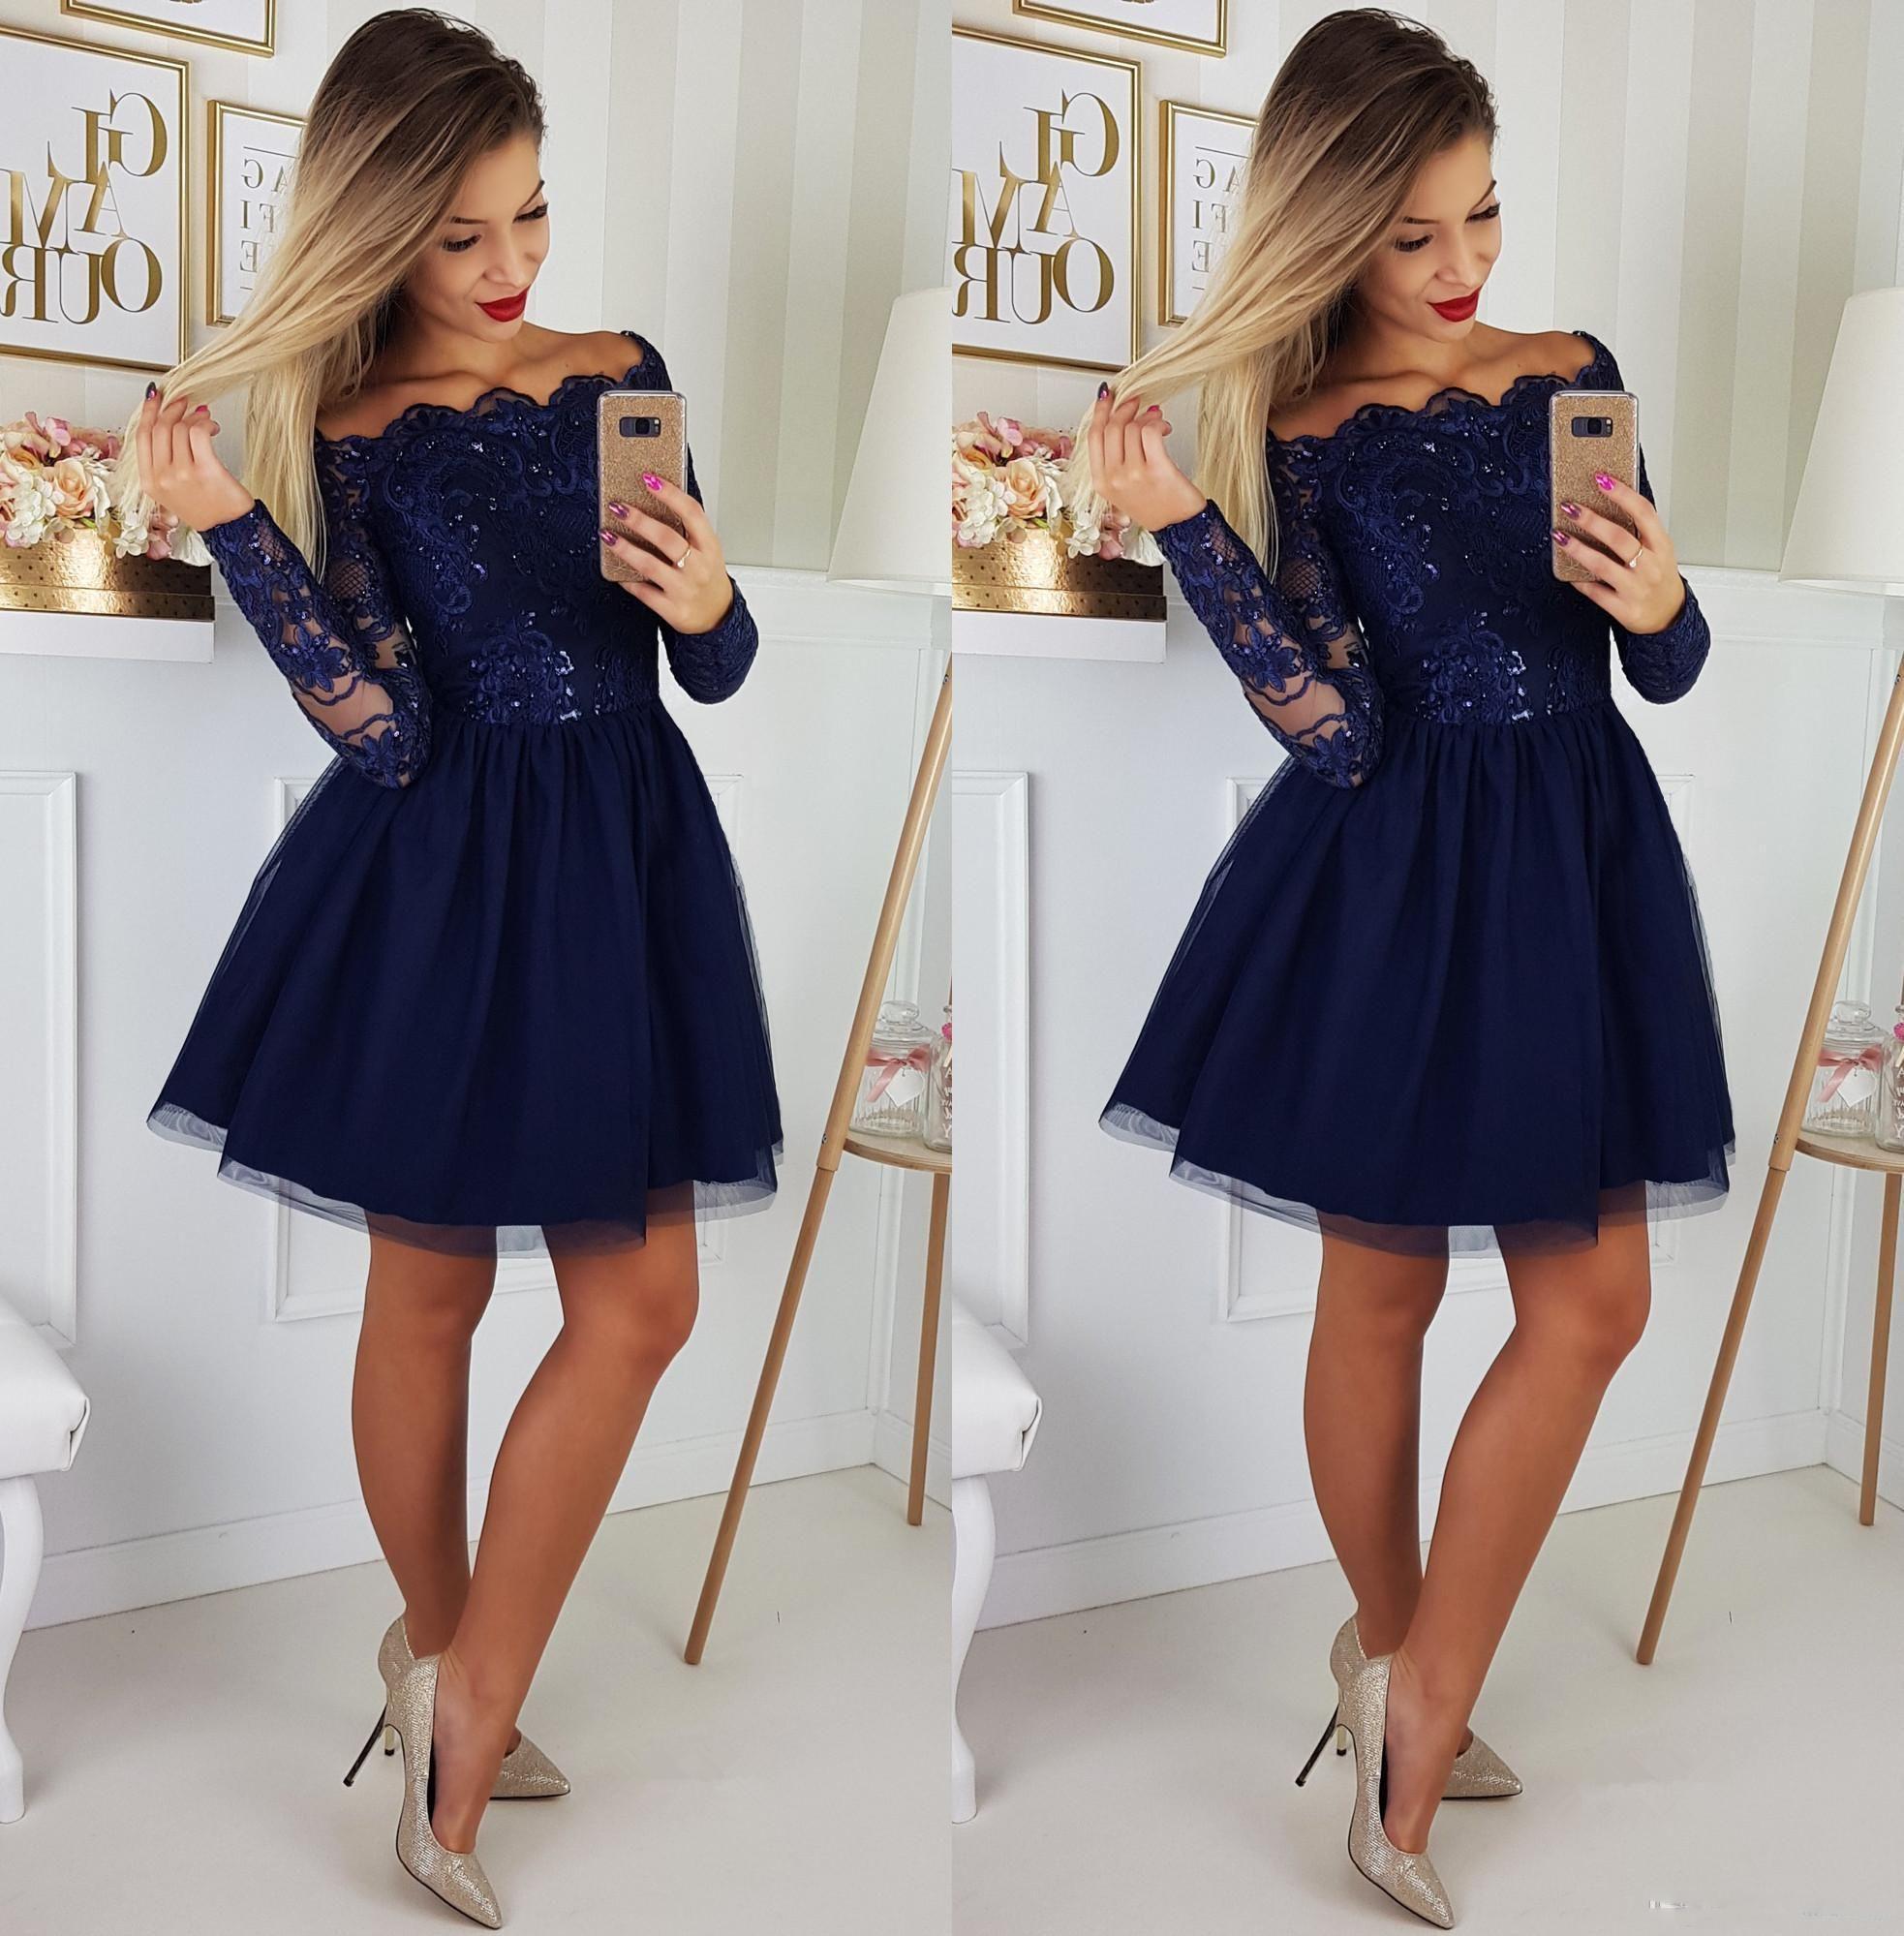 acheter 2019 nouveau bleu royal court mini robes de bal. Black Bedroom Furniture Sets. Home Design Ideas